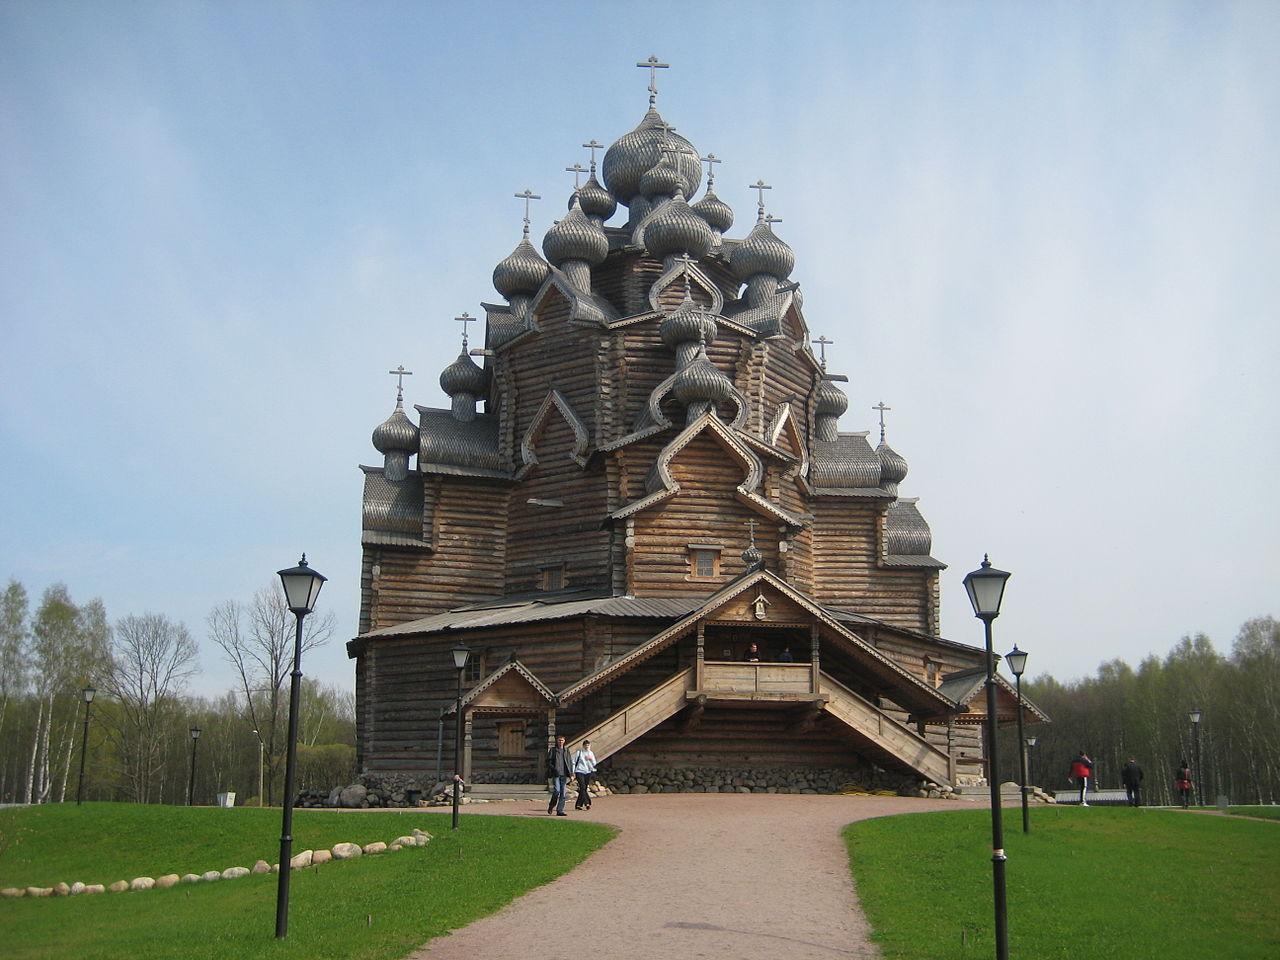 Восстановлен первоначальный вид церкви со всеми главками, большим крыльцом и без обшивки тесом. Фото из Википедии